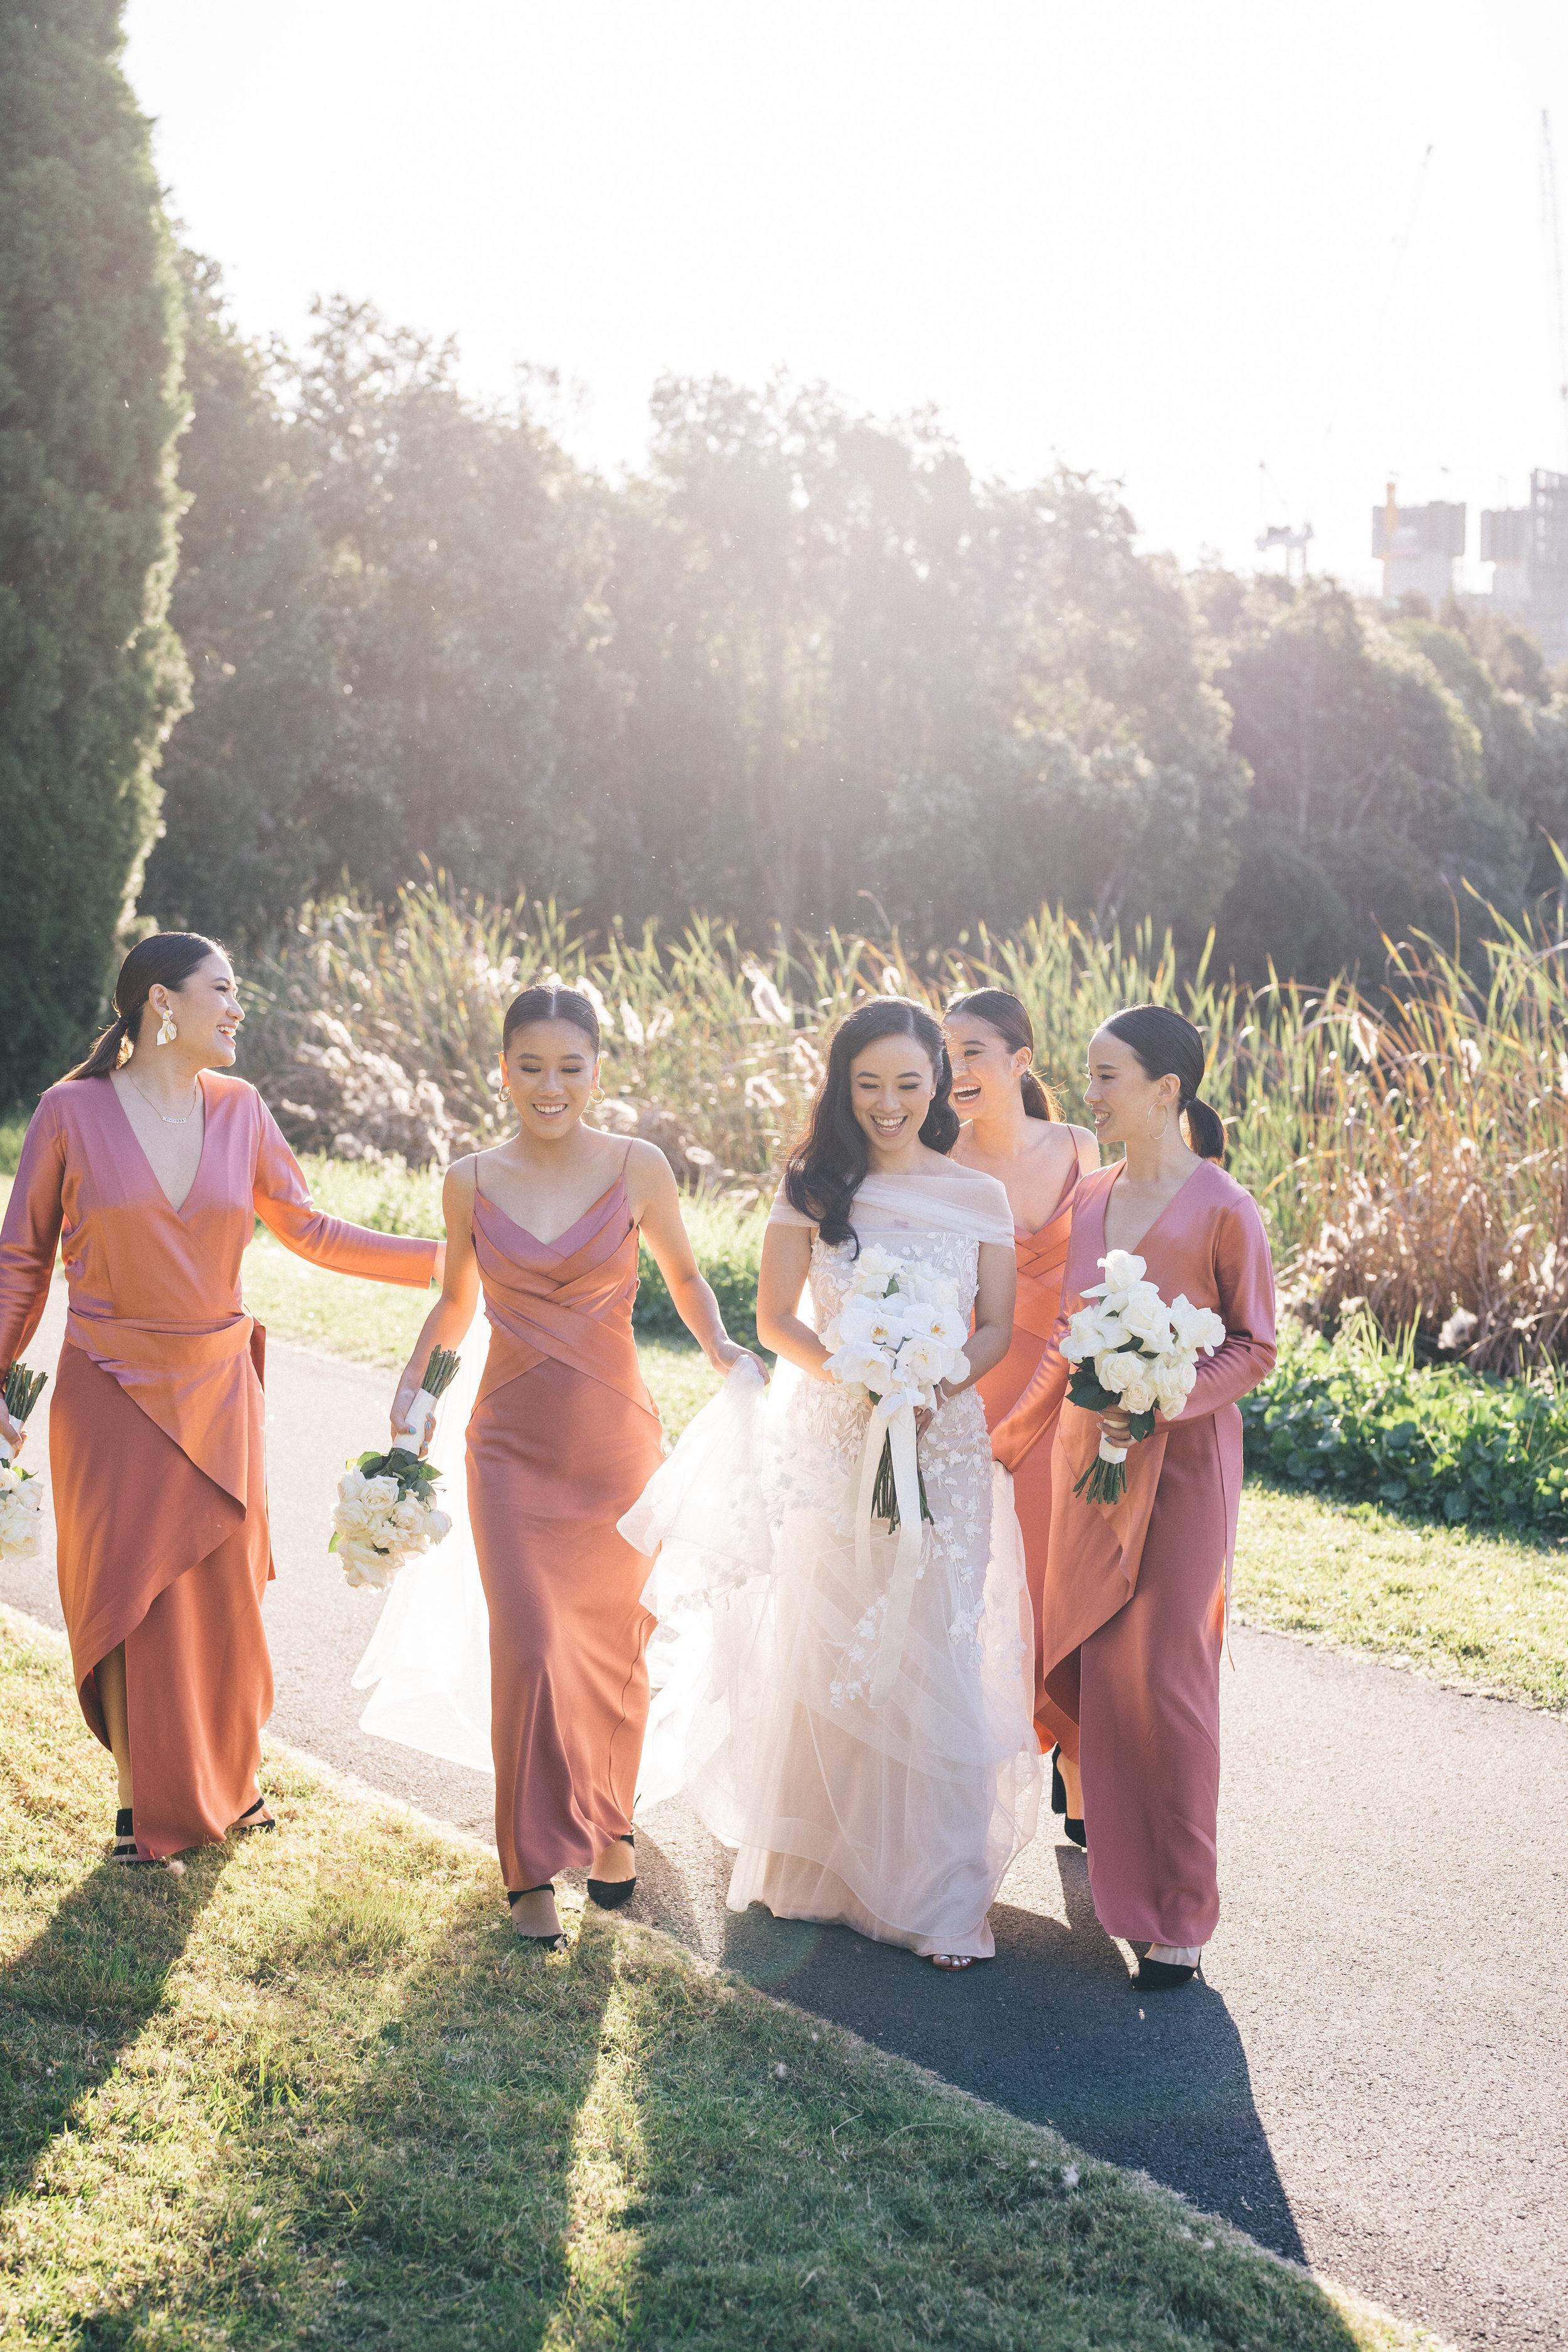 Annabelle-Phong-Wedding-HI-RES-0006.jpg